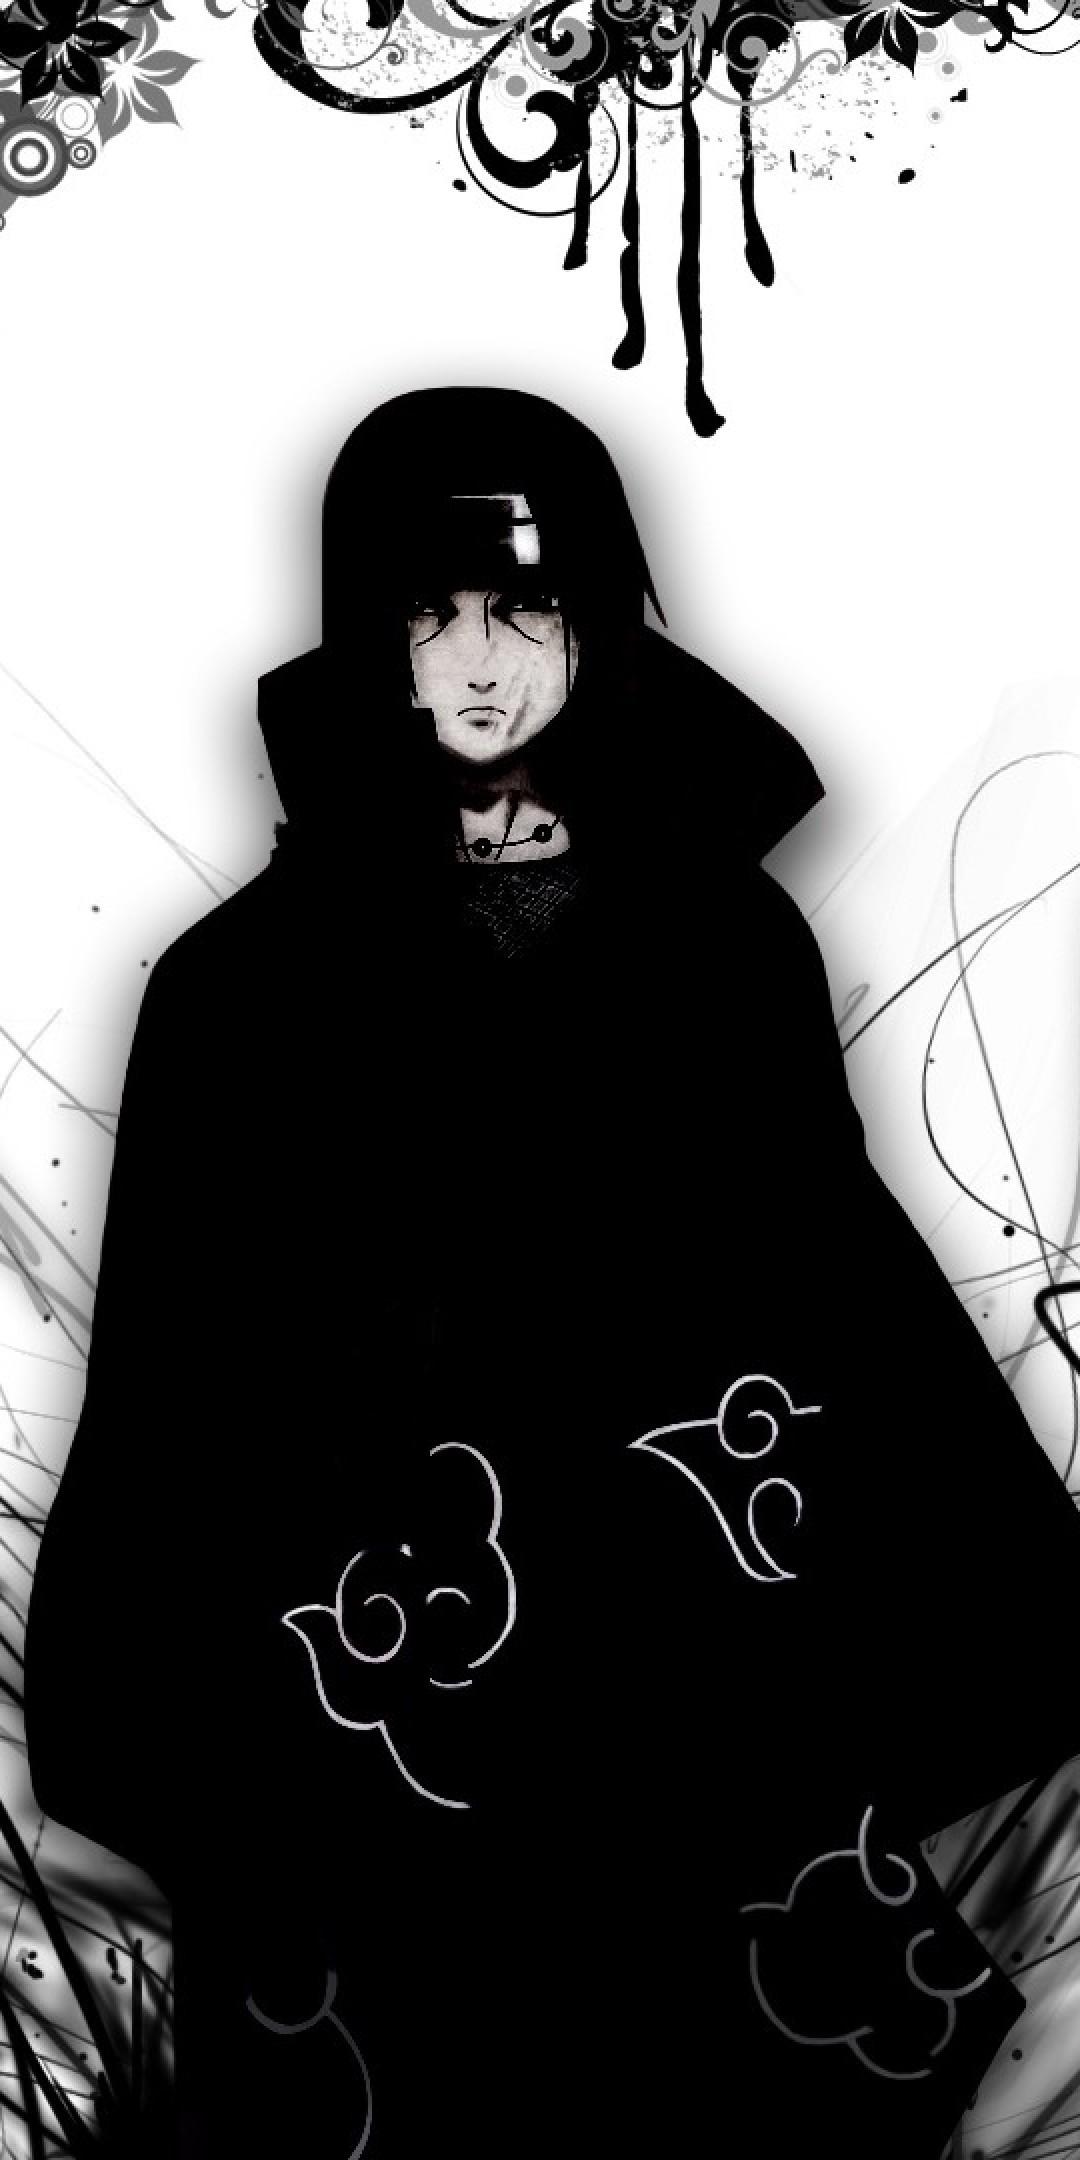 16 162212 uchiha sasuke naruto black and white akatsuki naruto